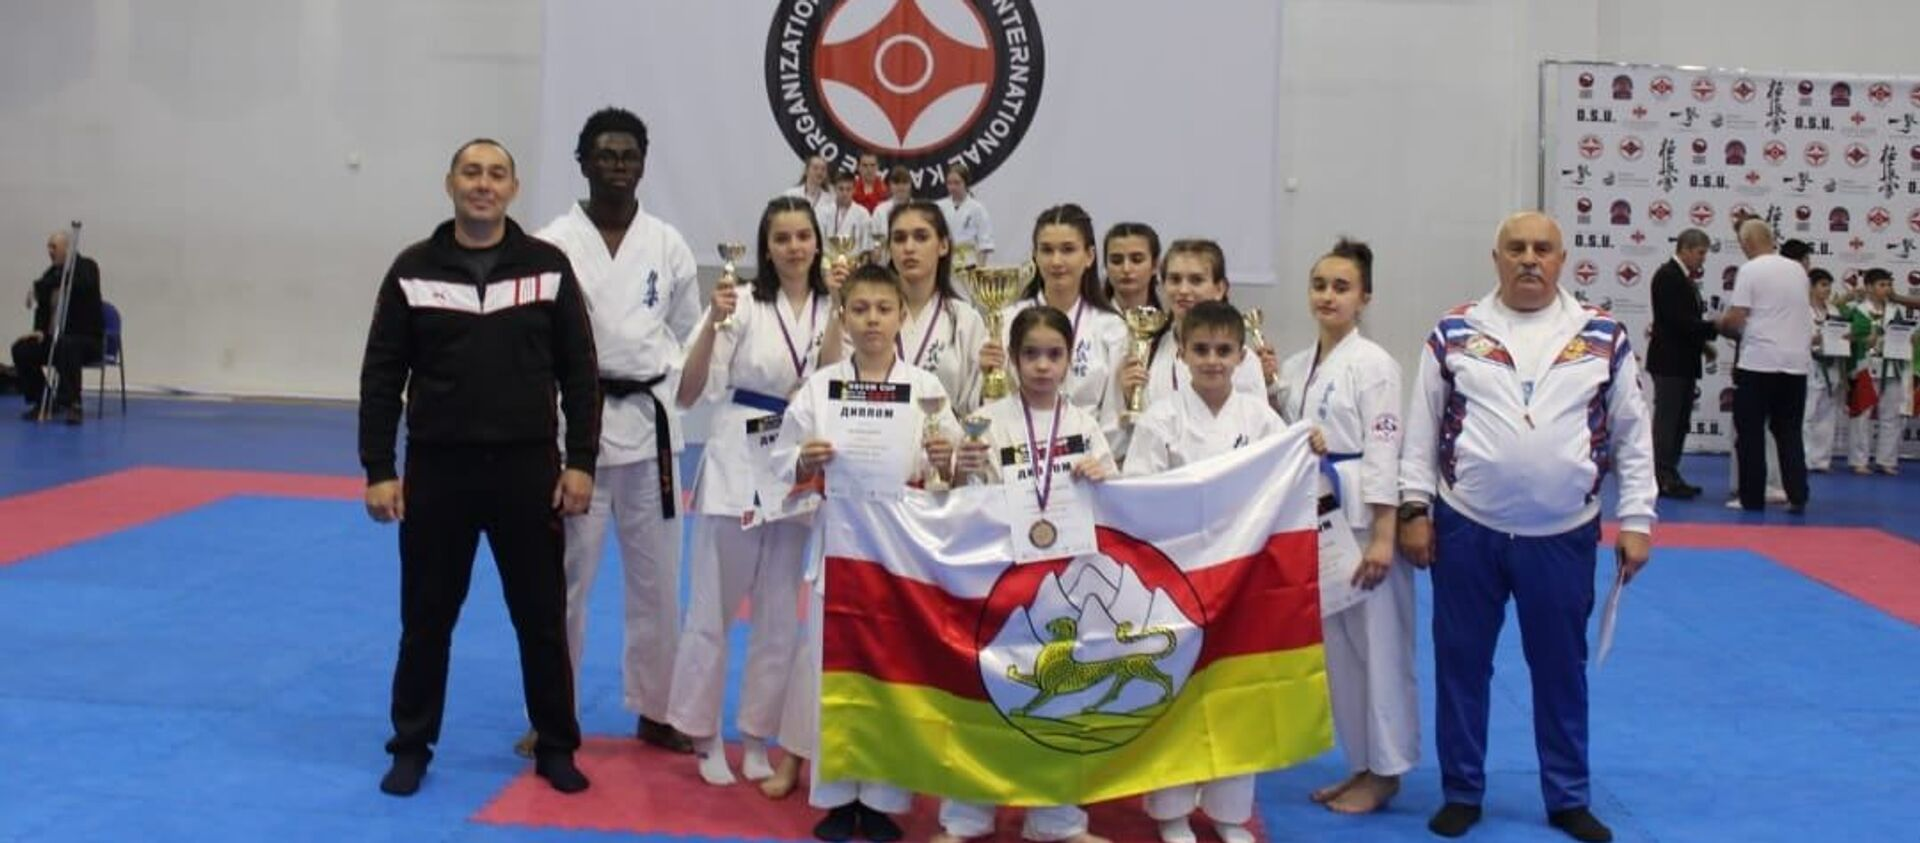 Югоосетинские спортсмены завоевали 7 медалей на Международном турнире MOSCOW CUP 2021 по киокусинкай - Sputnik Южная Осетия, 1920, 02.06.2021